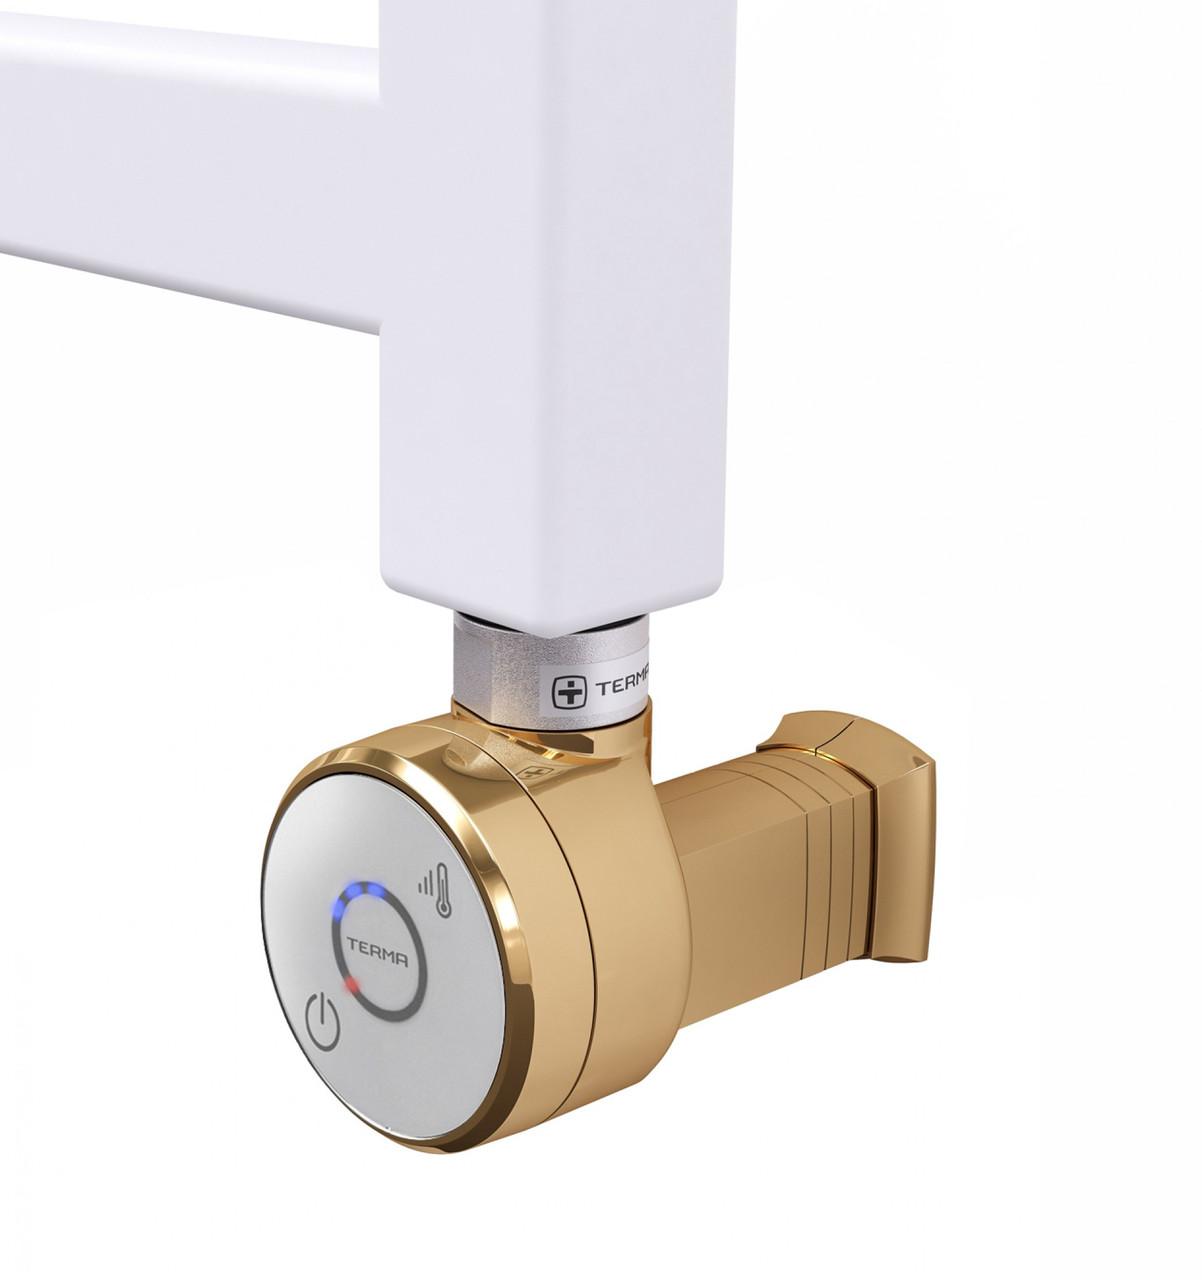 Золотий електротена з таймером до 5 годин (Польща) DRY MS gold + Маскування ел.кабелю. Потужність 1000Вт.